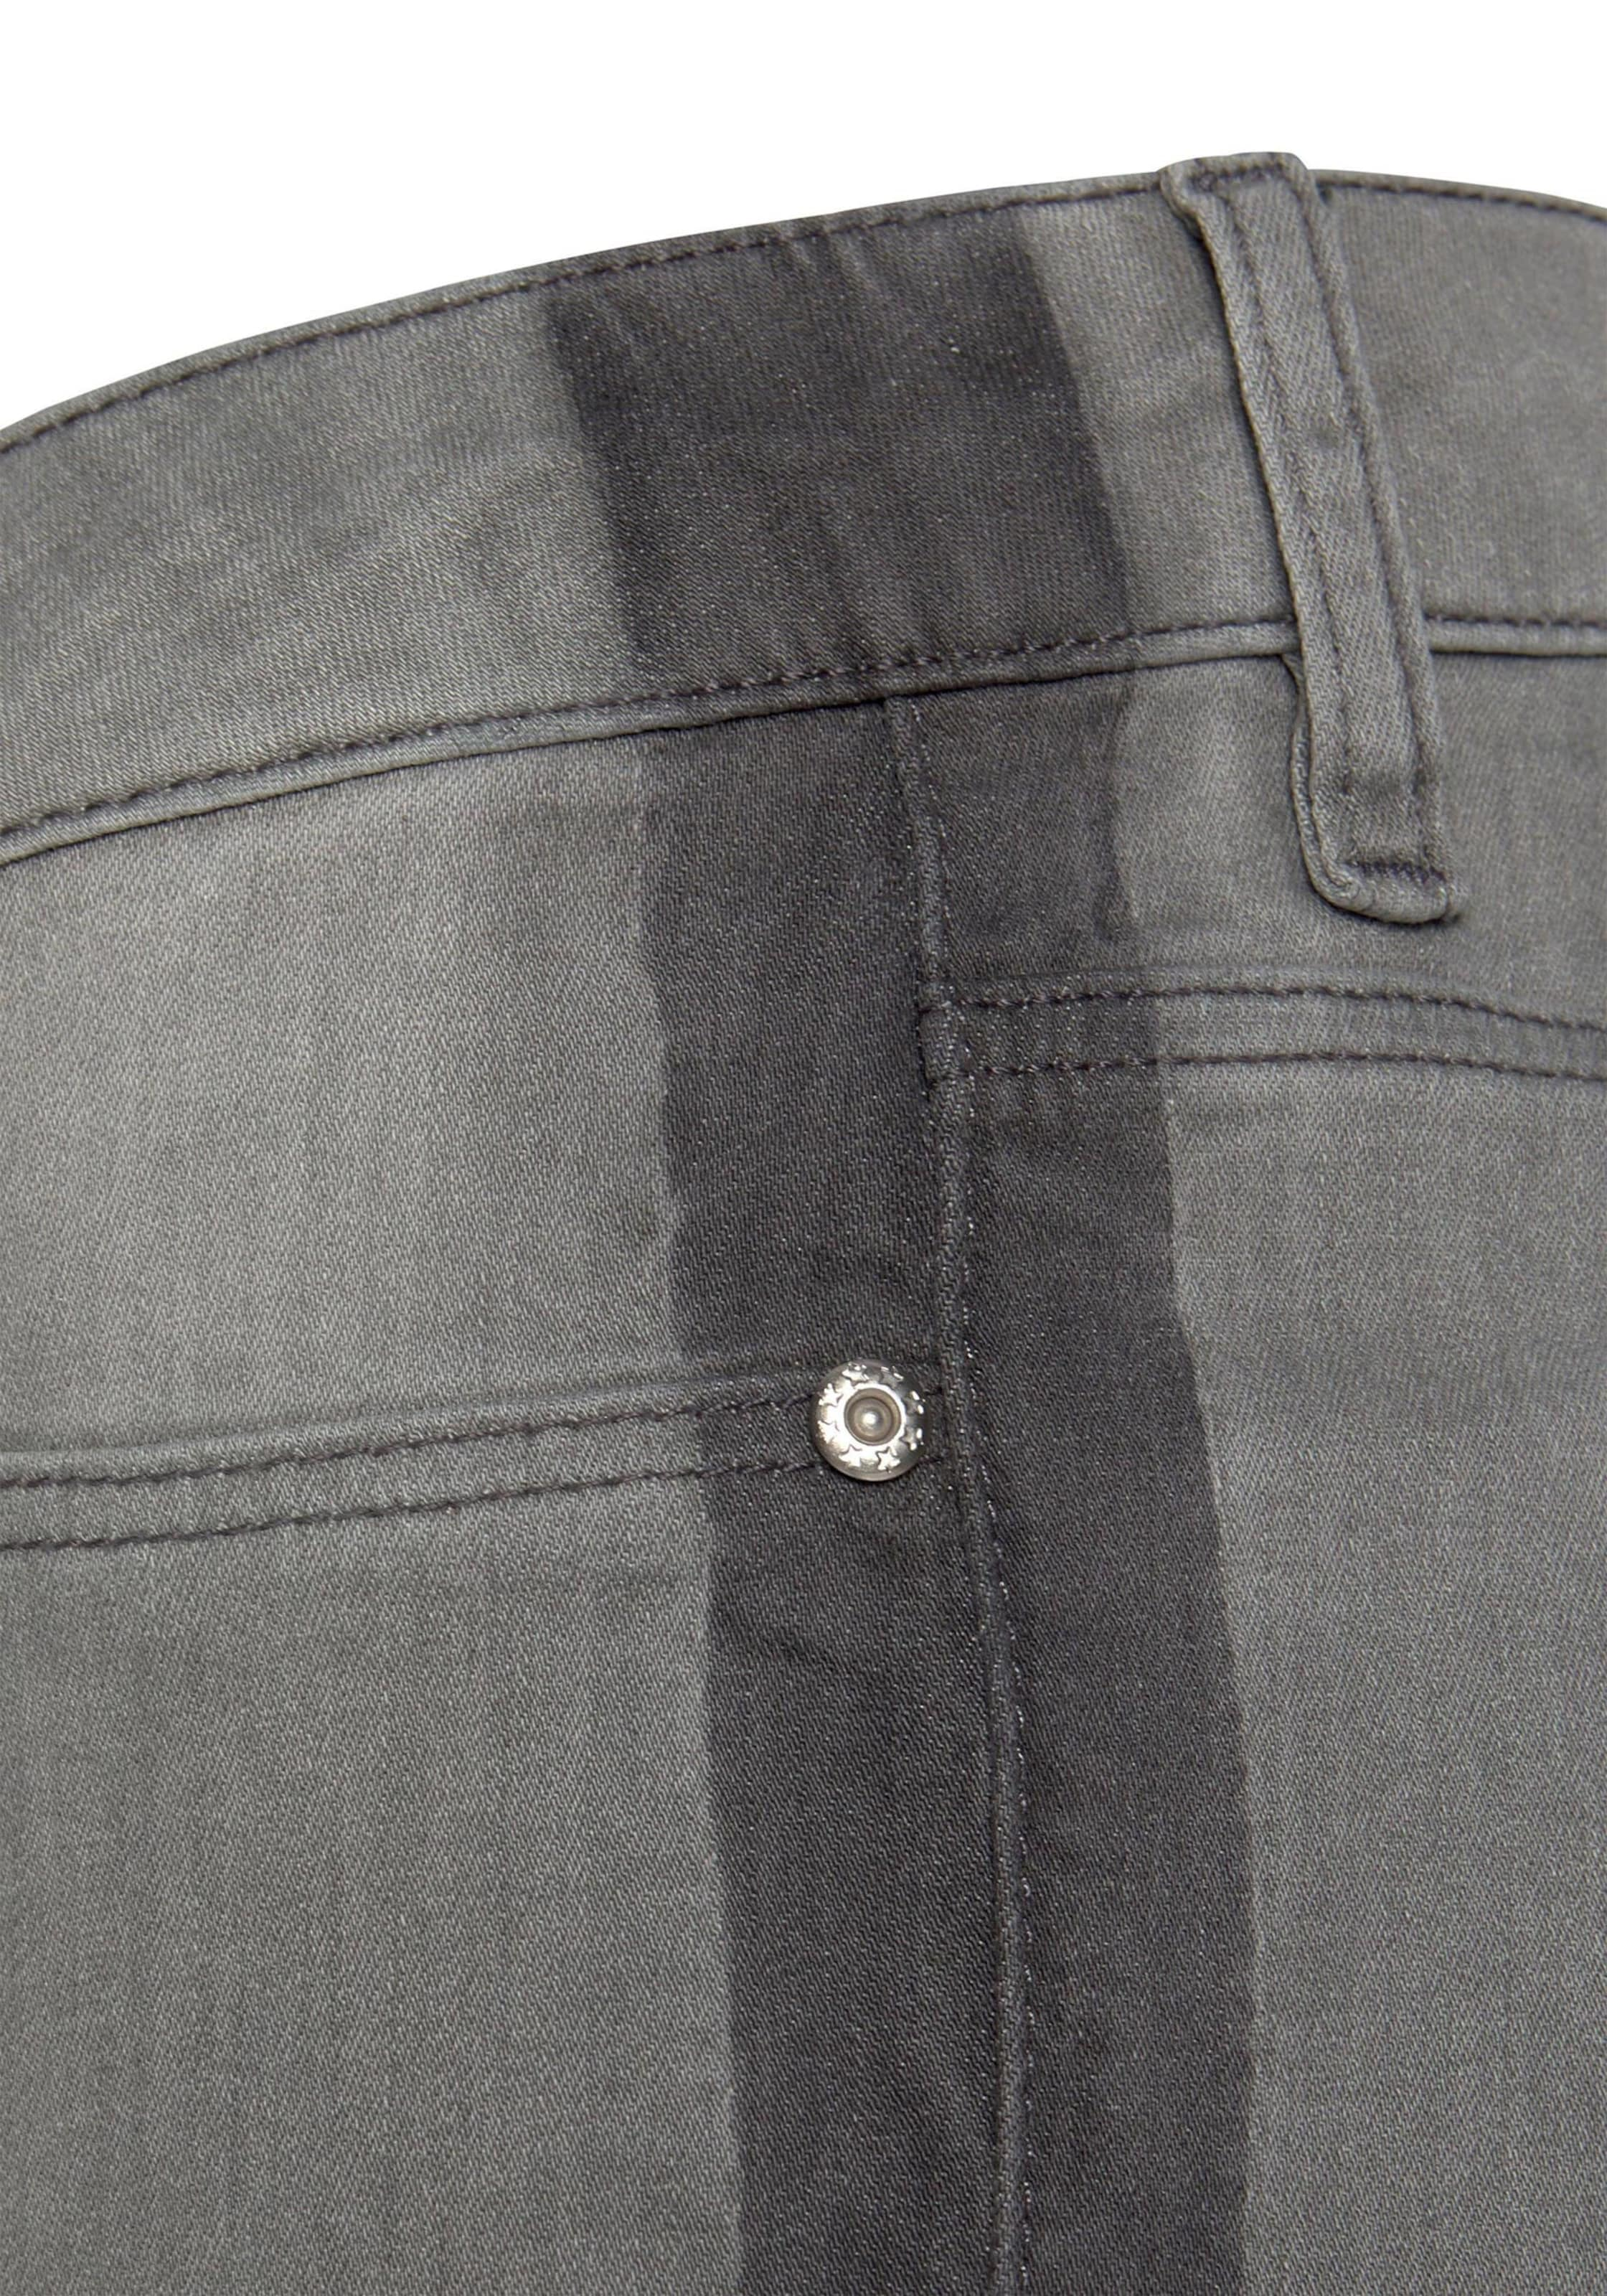 buffalo - Witt Weiden Damen Skinny-fit-Jeans grey-washed